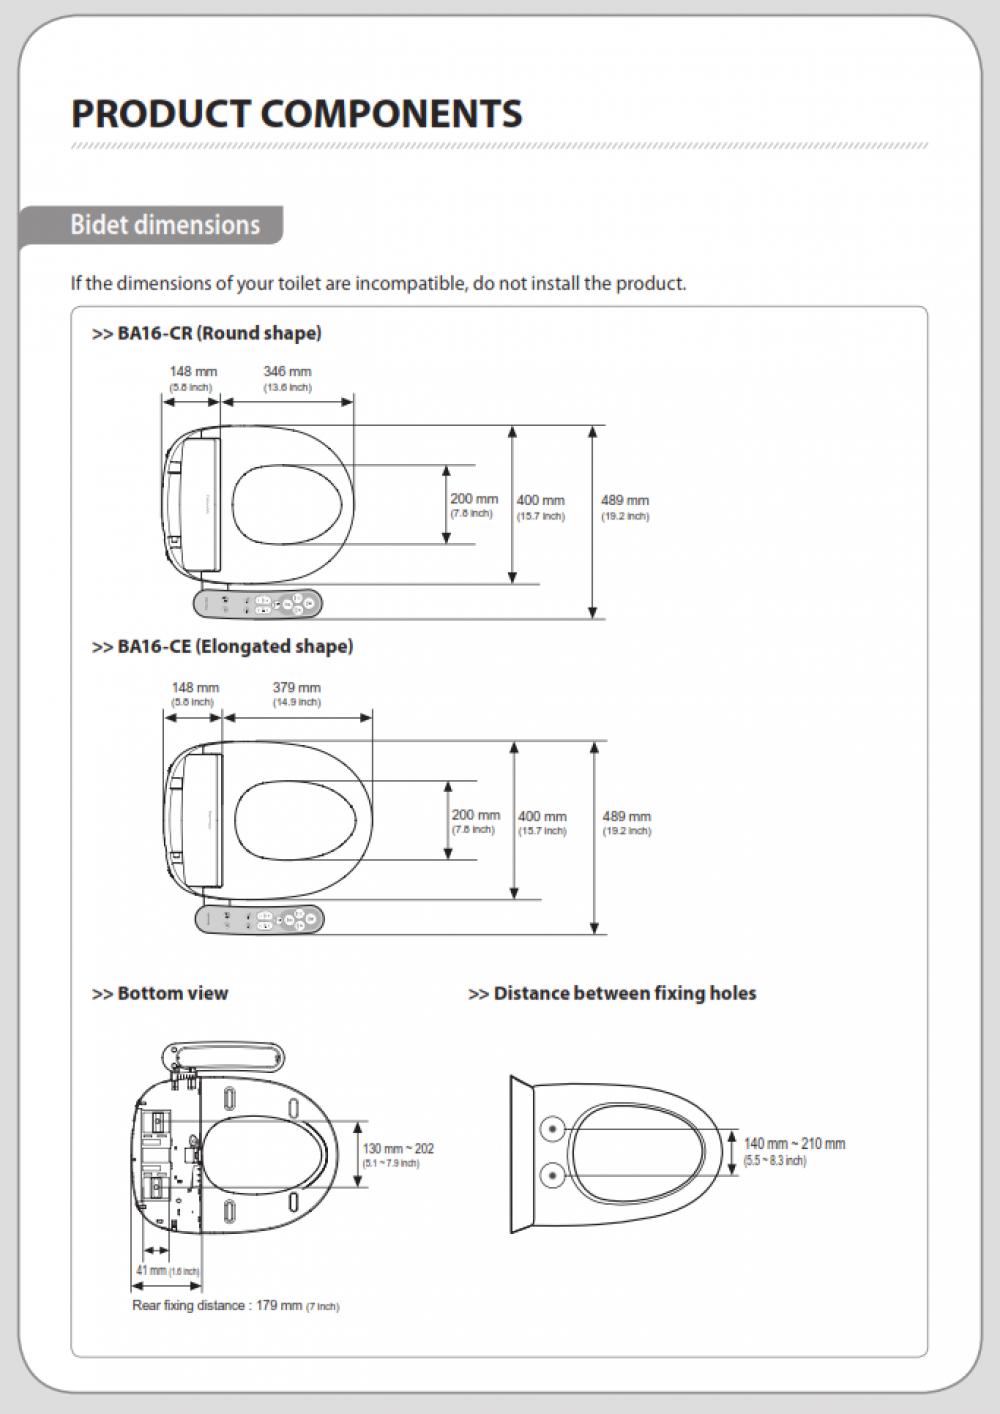 coway bas16-c dimensions coway bas16 measurments